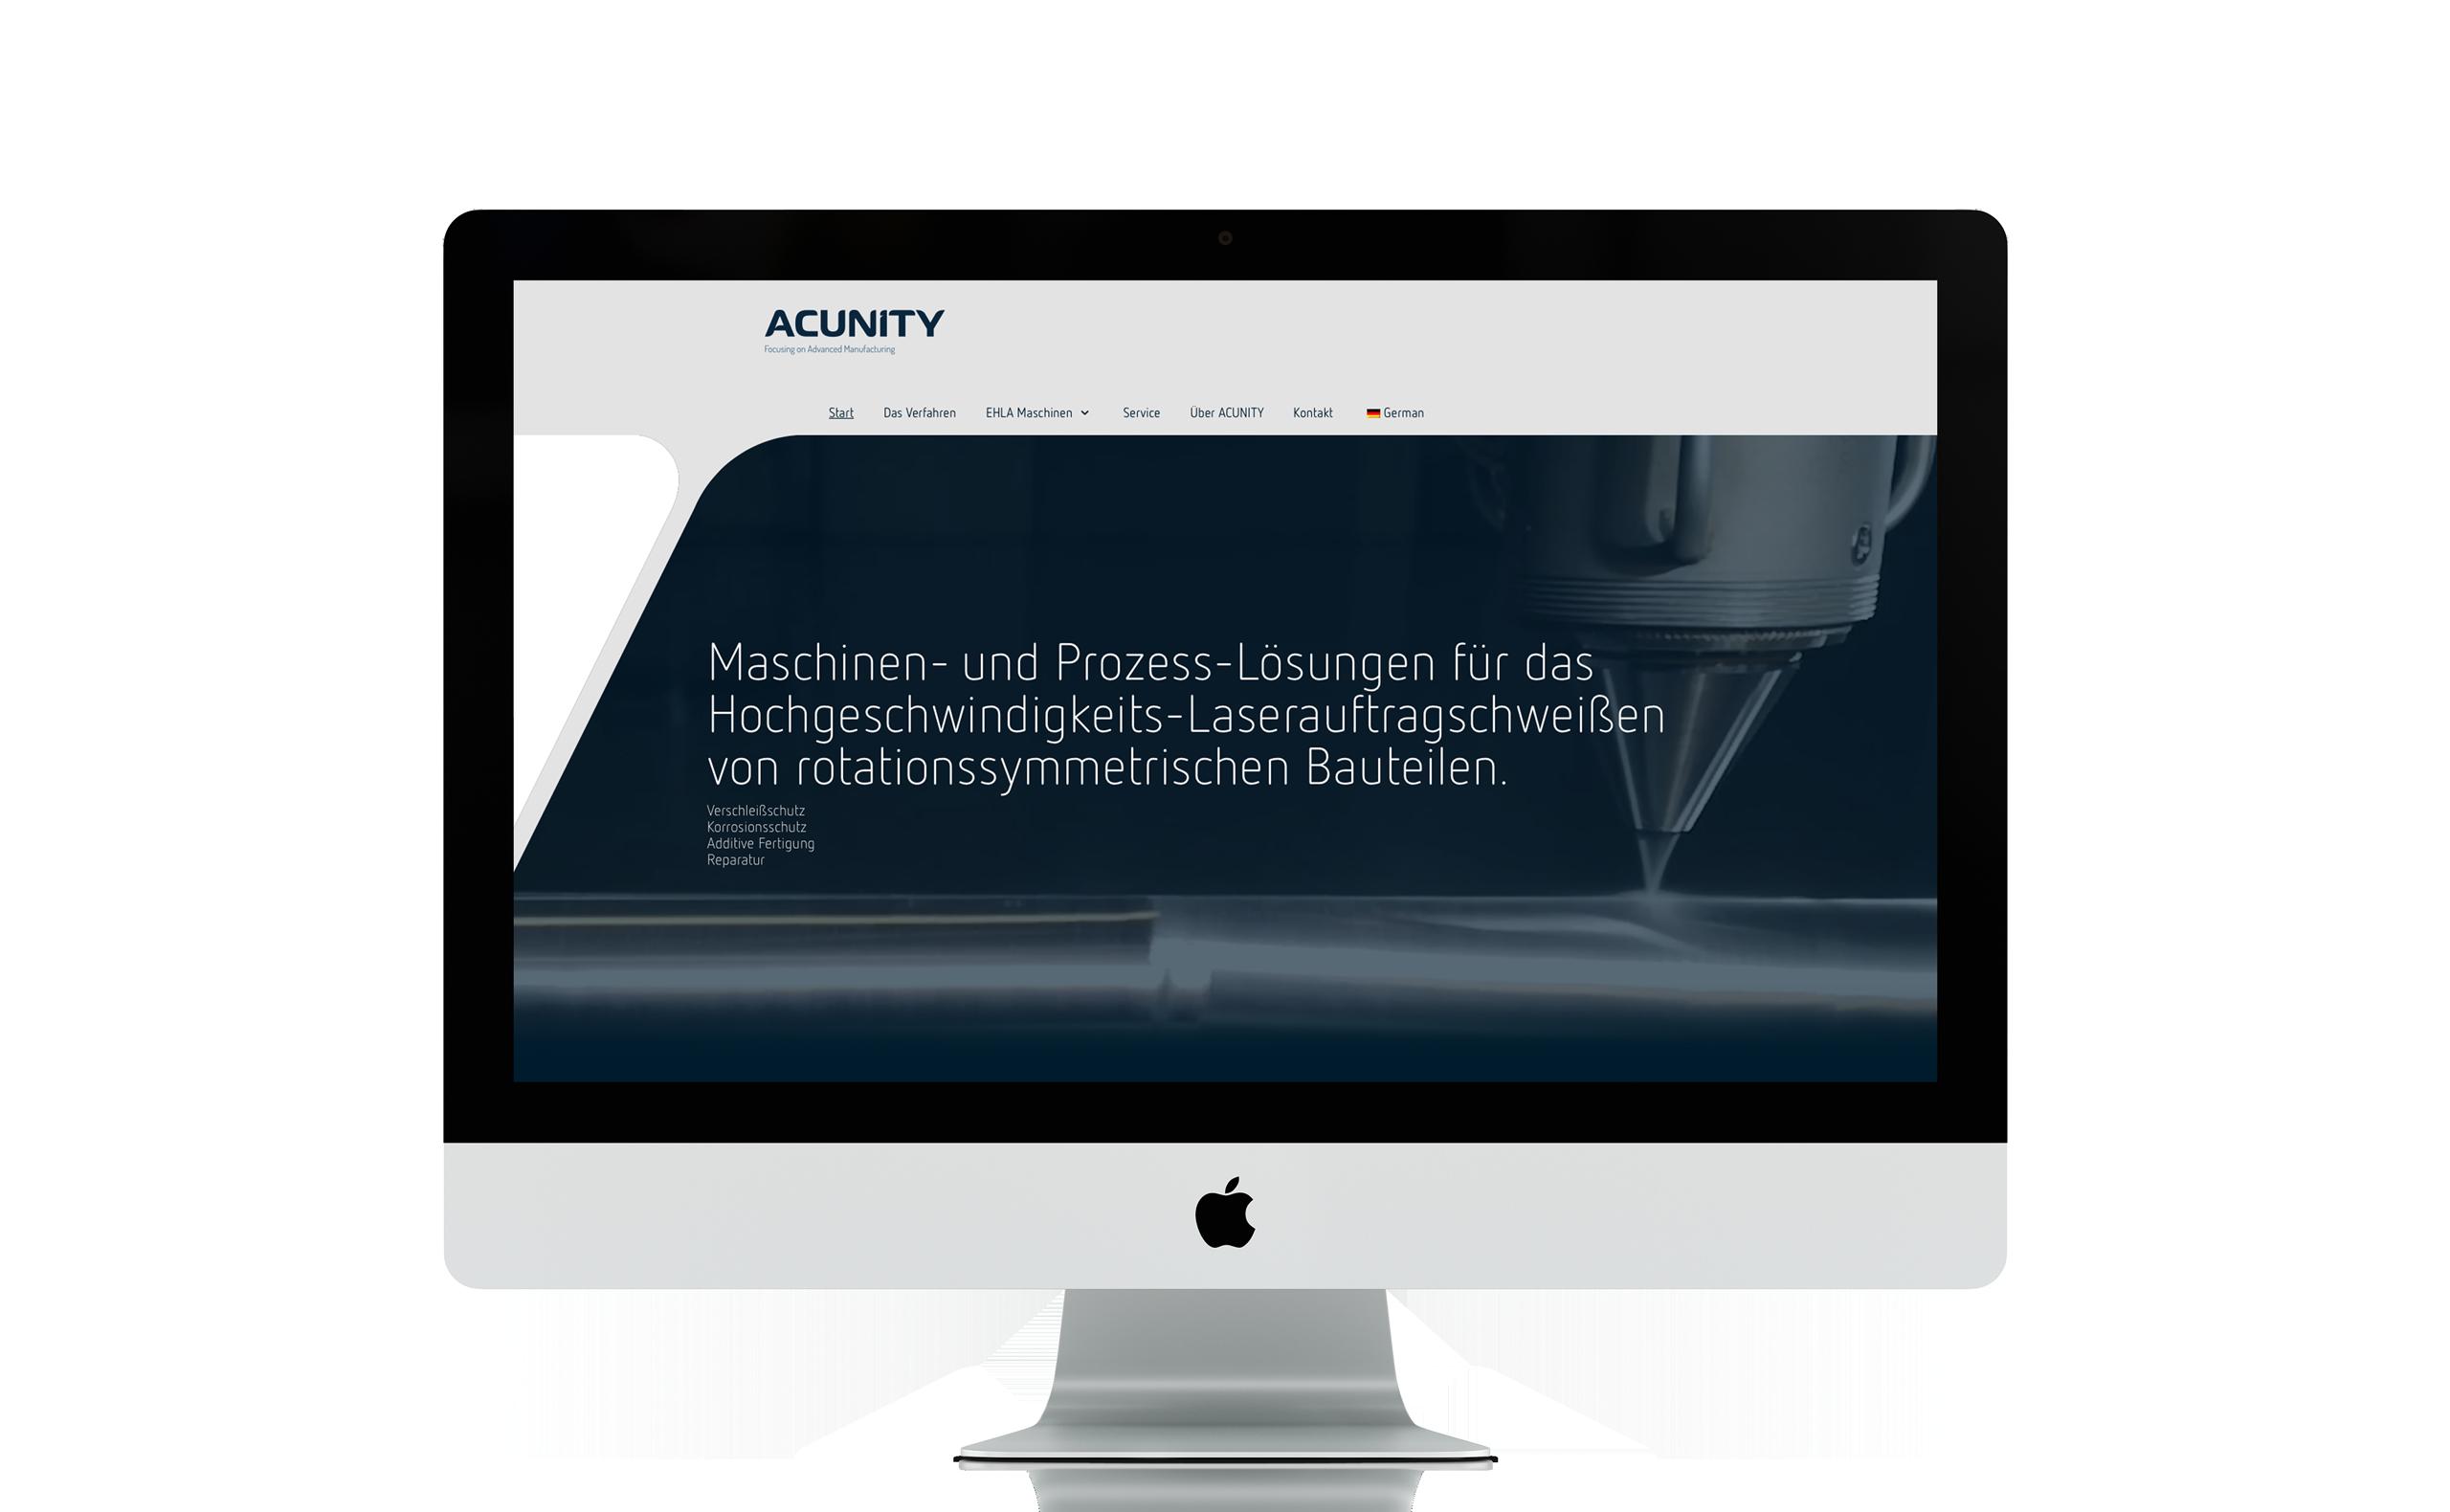 acunity-web